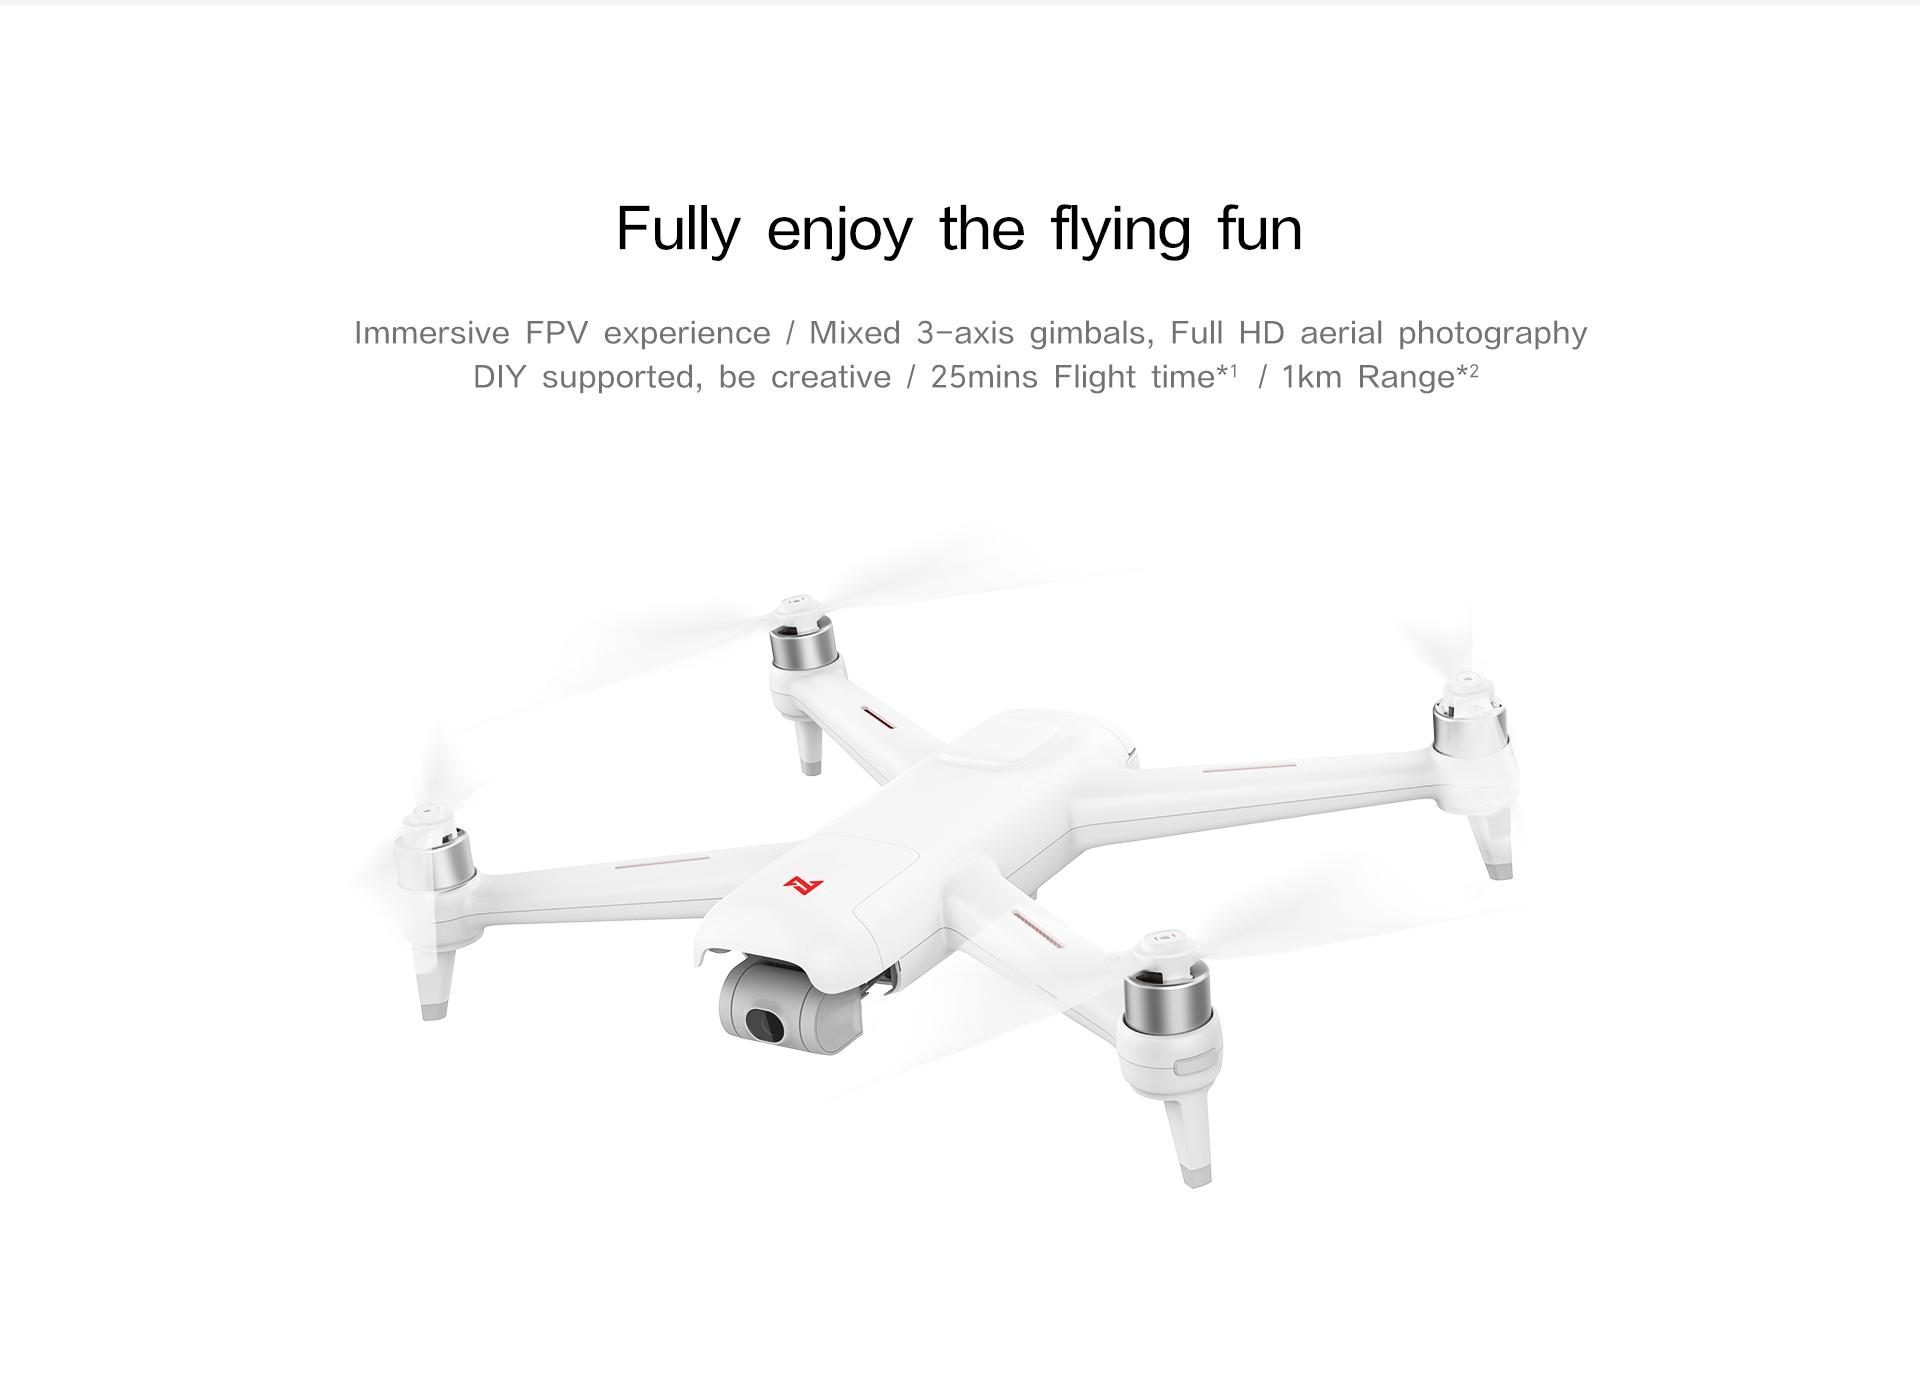 mi drone price in nepal